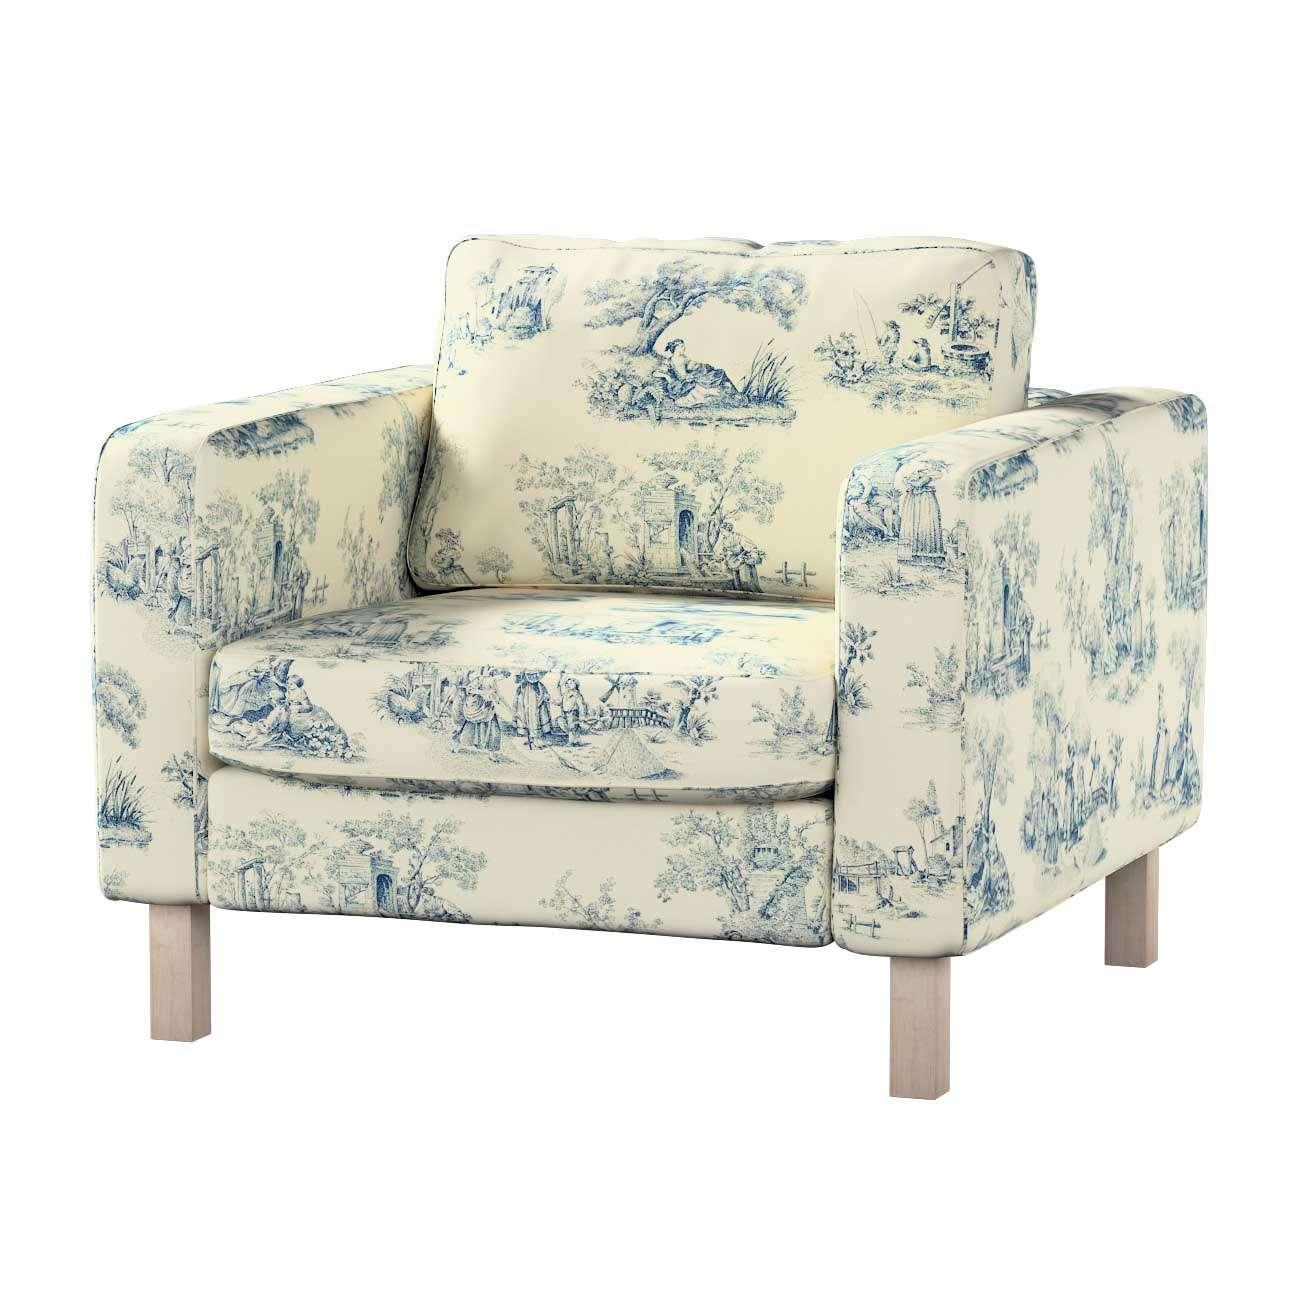 Karlstad fotelio užvalkalas Karlstad fotelio užvalkalas kolekcijoje Avinon, audinys: 132-66